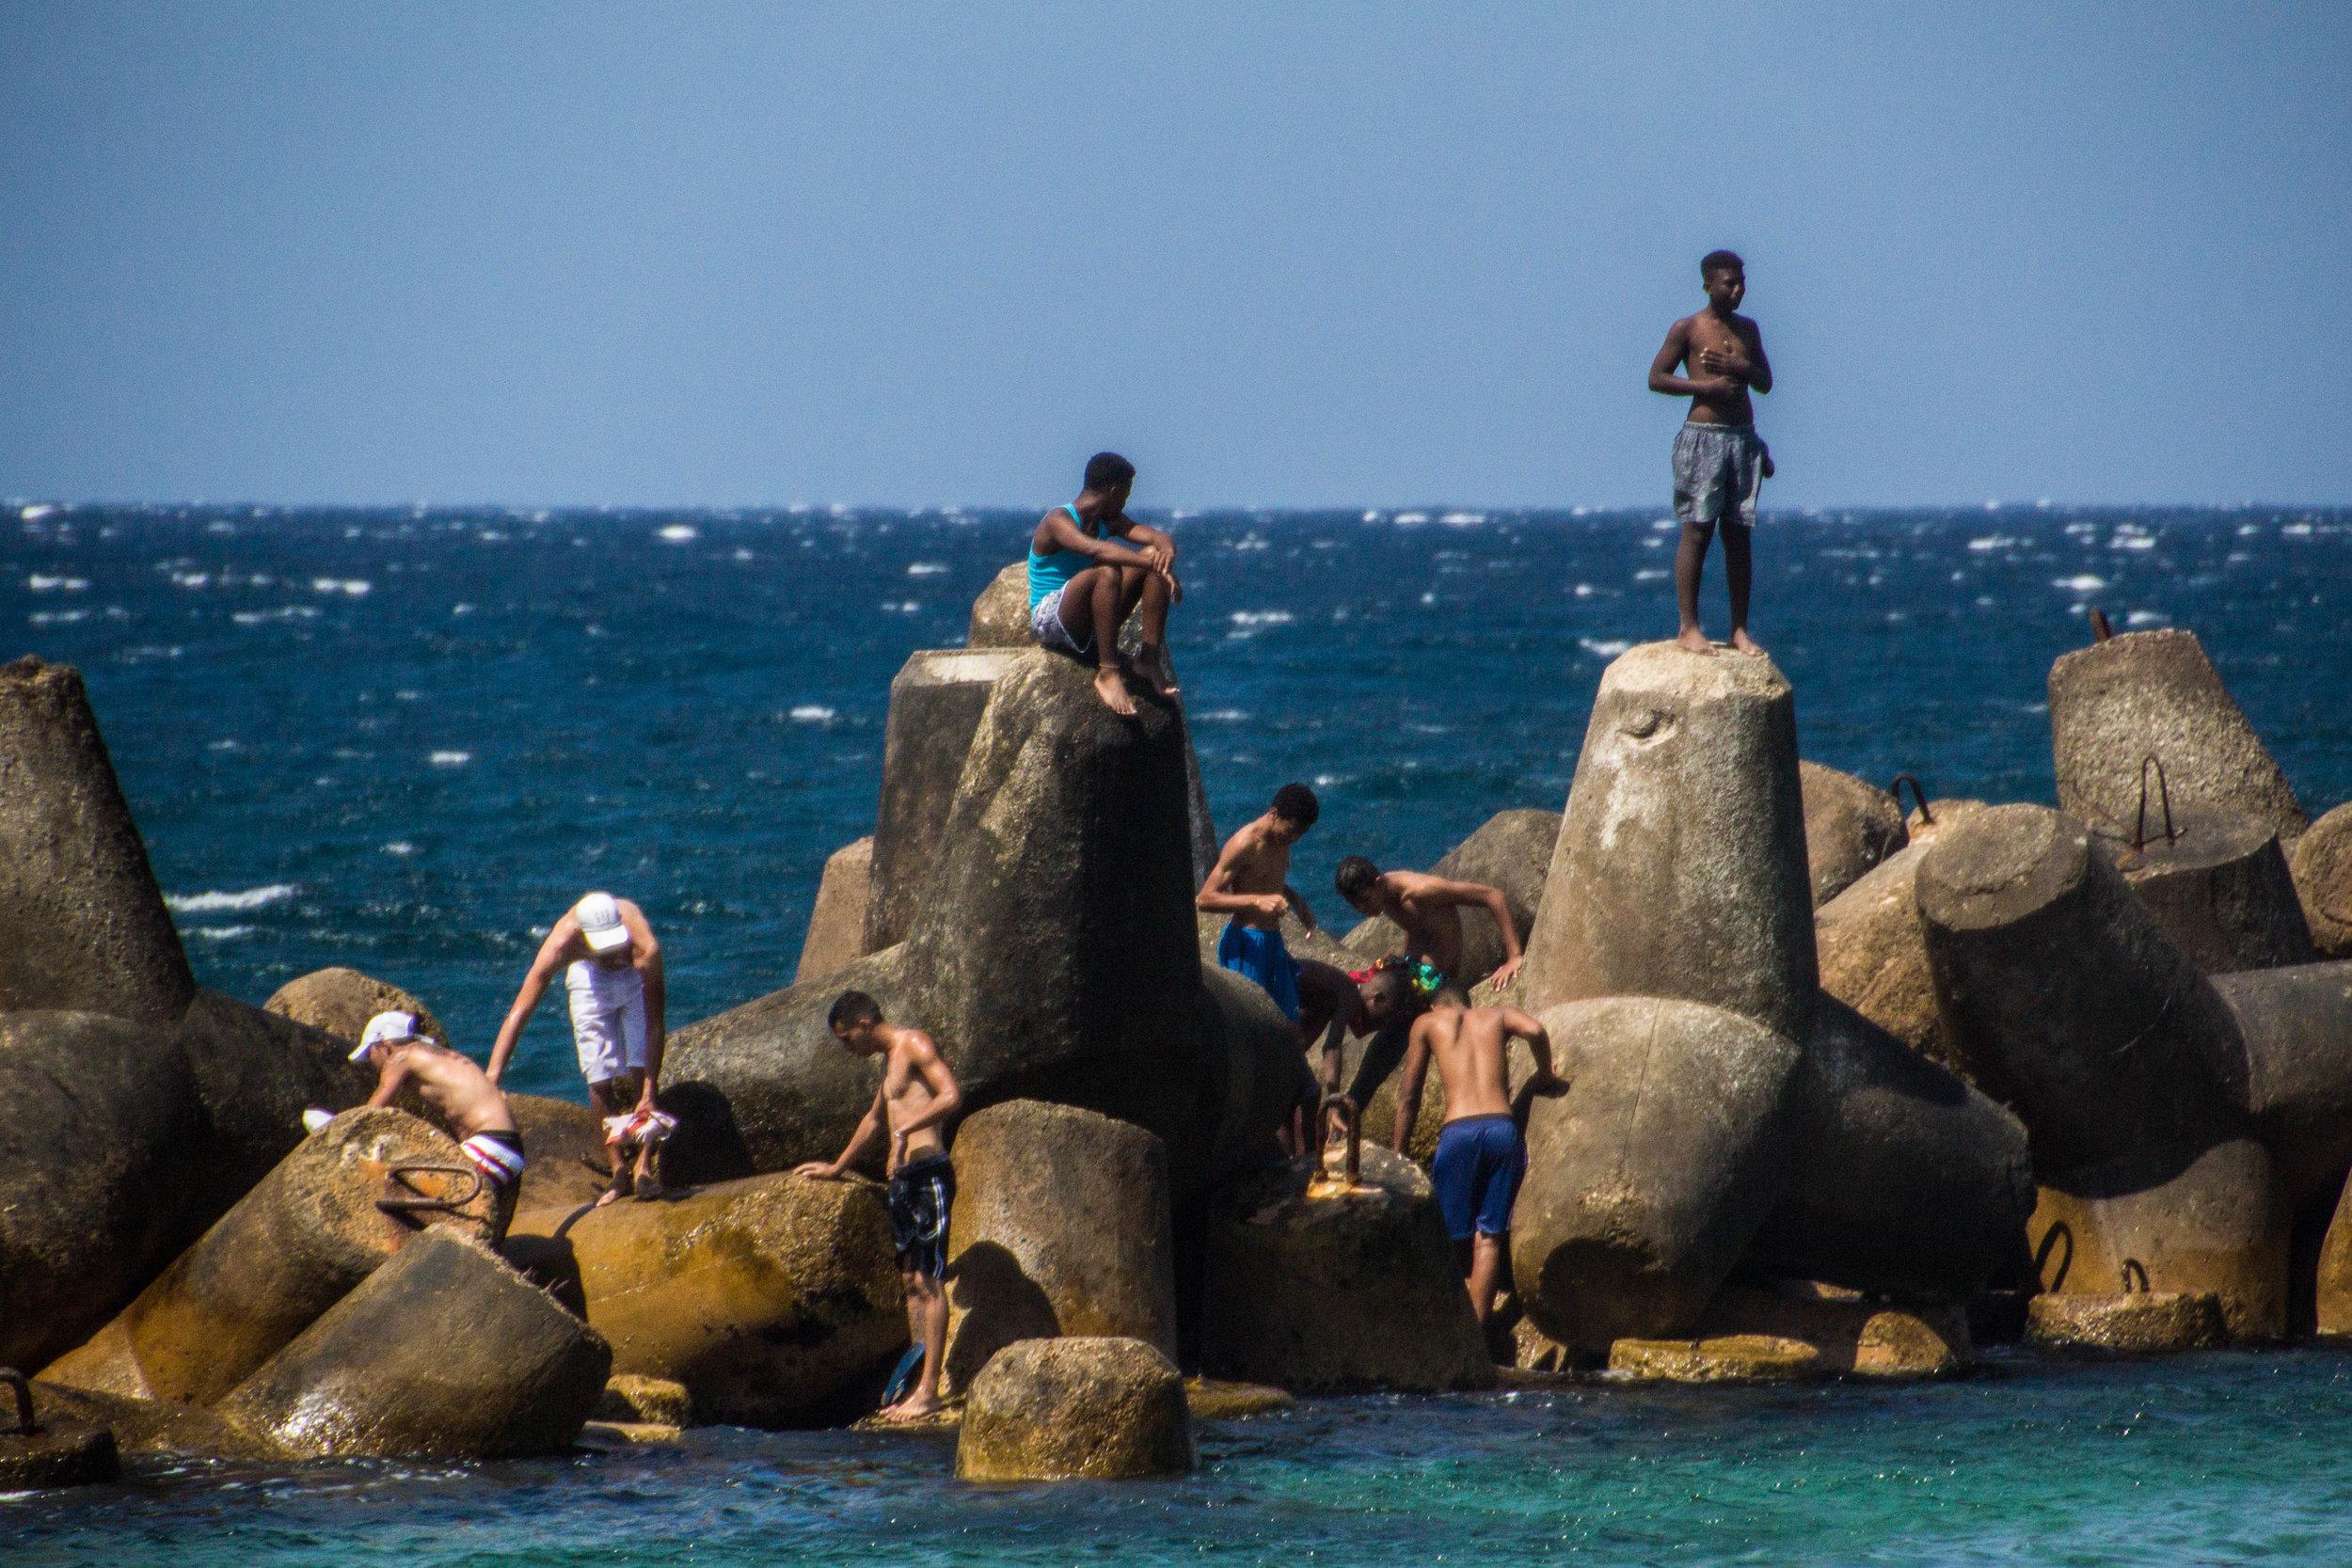 urban beach miramar havana cuba-1-6.jpg